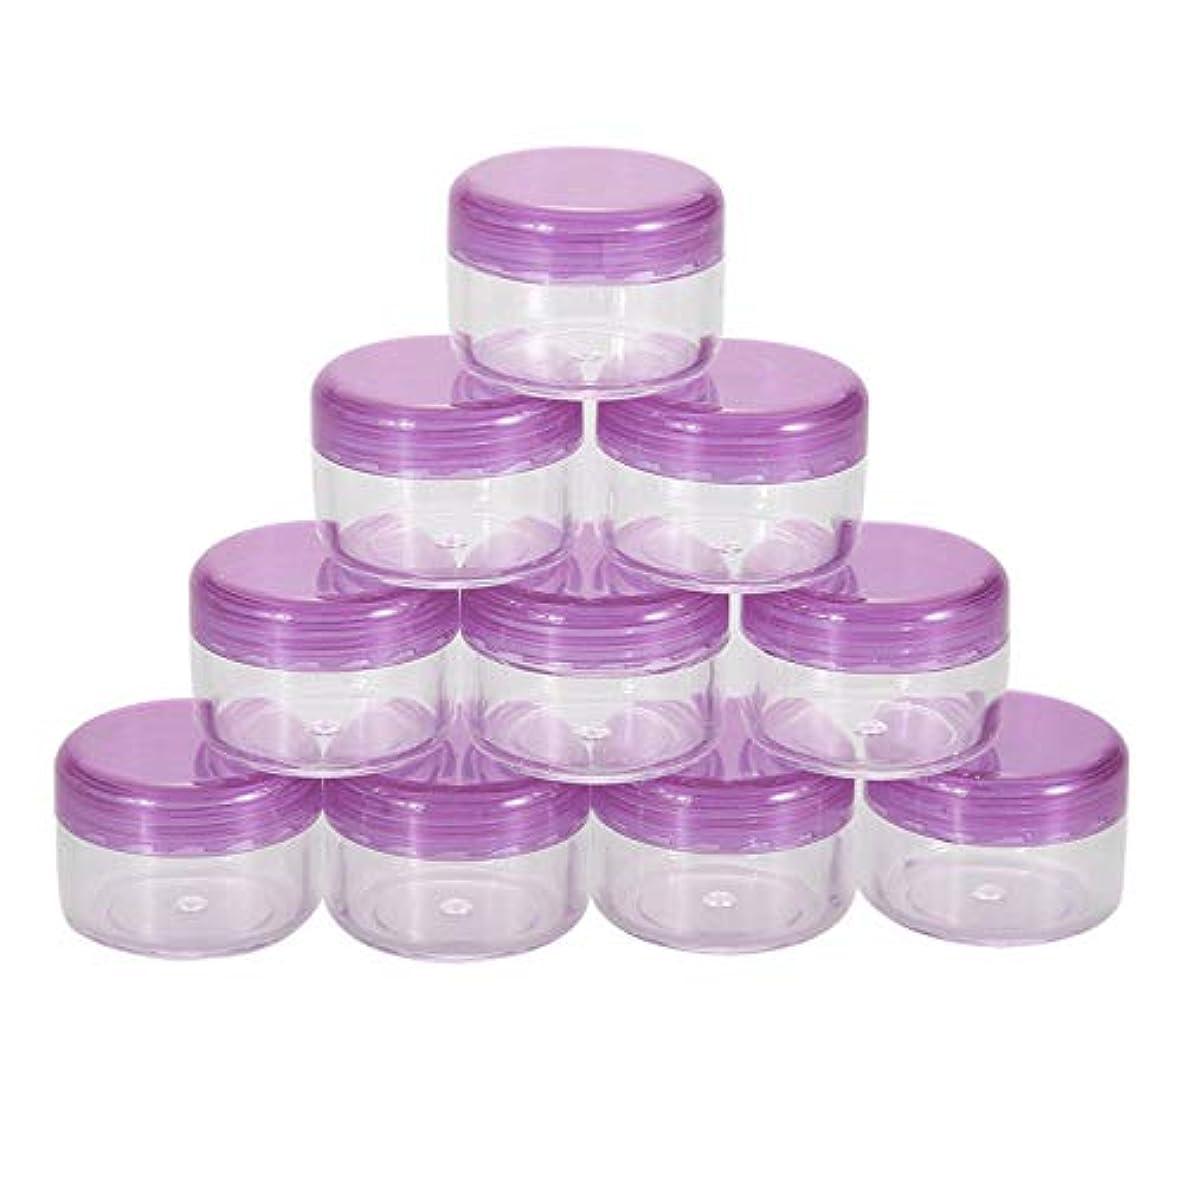 借りている薬剤師電子レンジArtlalic スクラブ、オイル、サルブ、クリーム、ローション、メイクアップ化粧品、ネイル用品 - 20個の蓋を持つ透明な容器ジャー